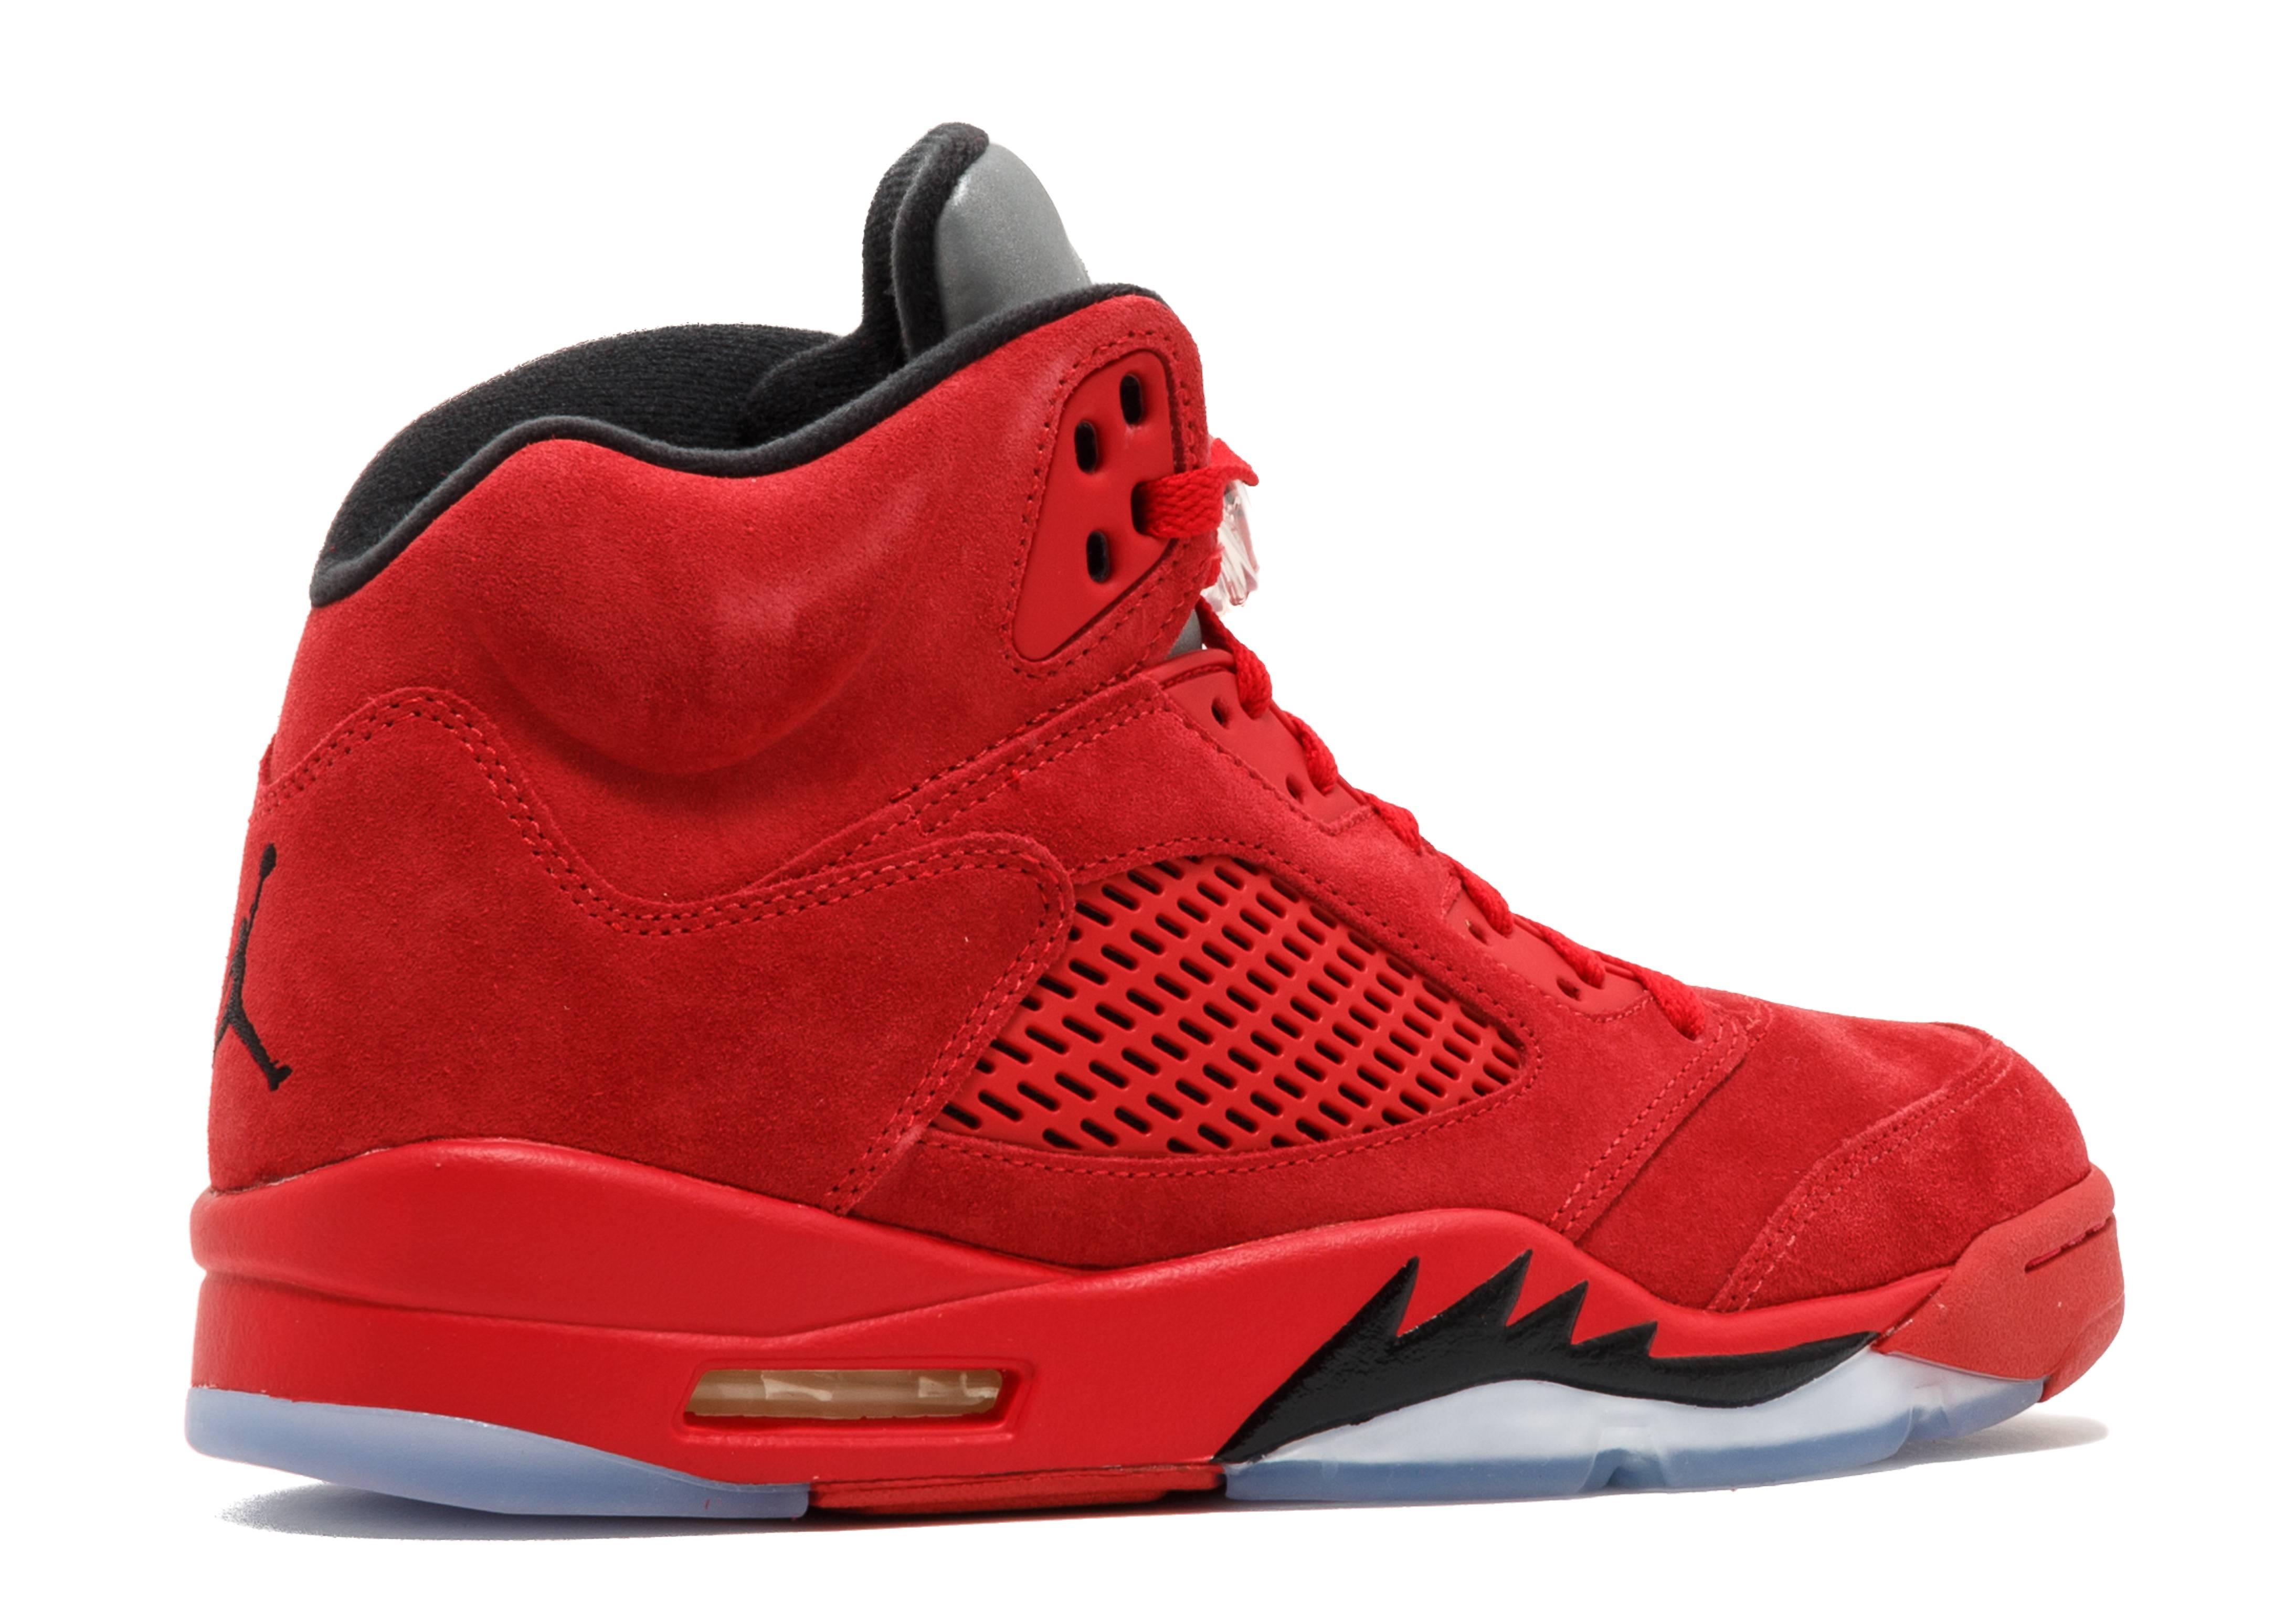 air jordan 5 red black nhs gateshead